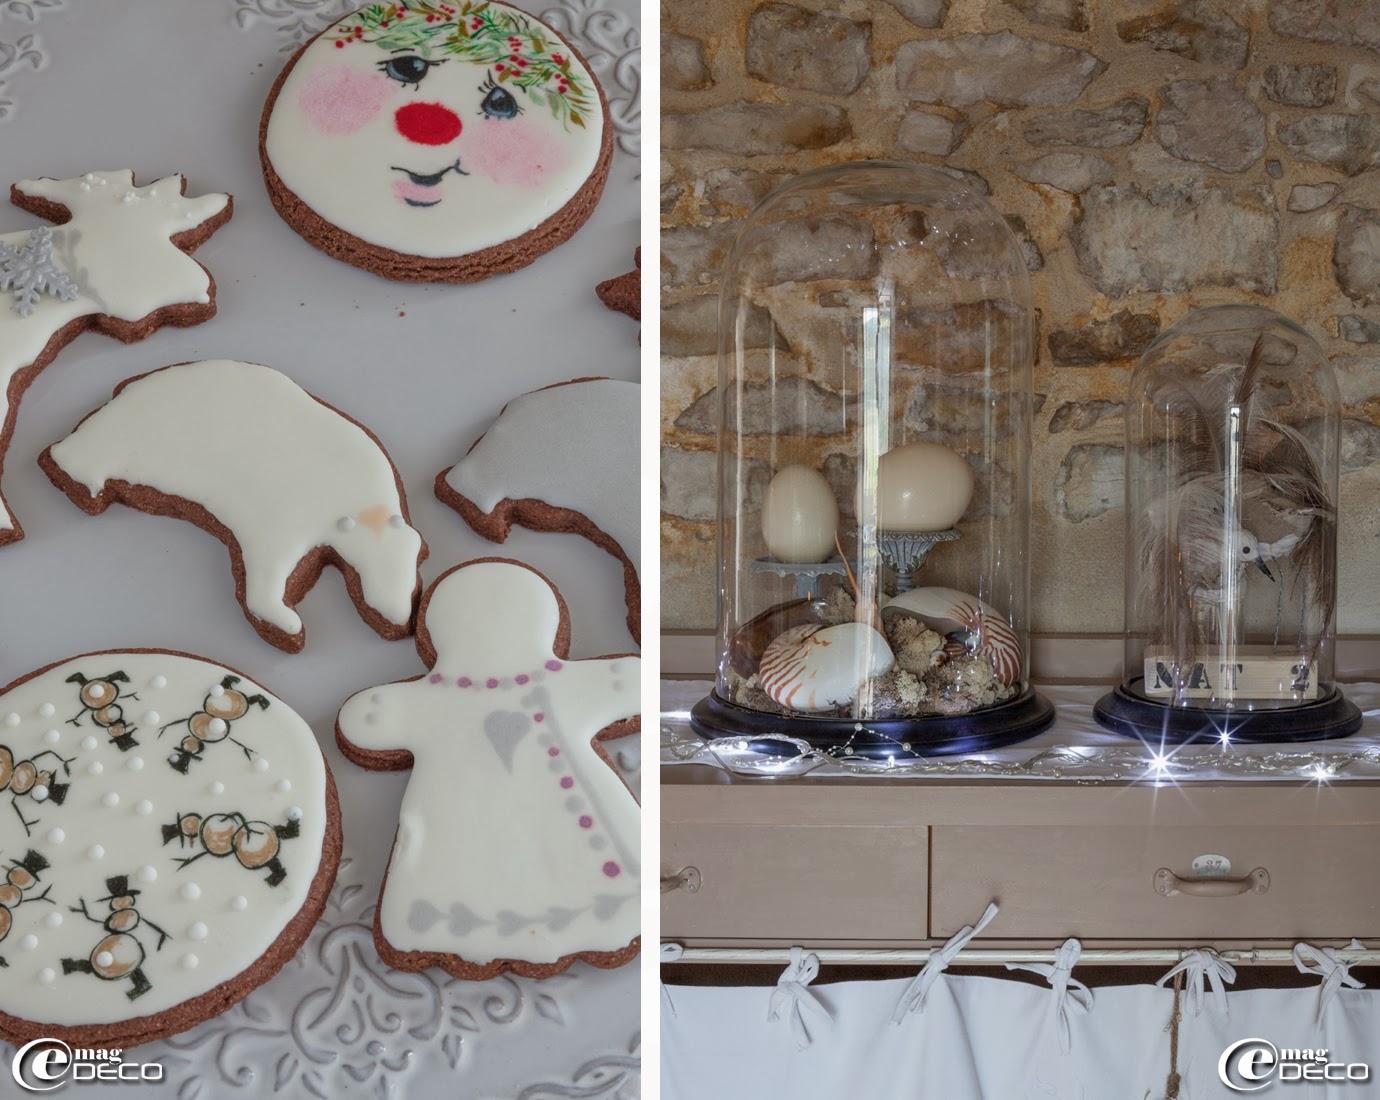 Petits biscuits de Noël décorés d'un glaçage royal préparés par Nina Couto de 'l'Atelier des Gourmandises', coquillages de l'île Maurice et œufs d'autruche présentés sous globes en verre